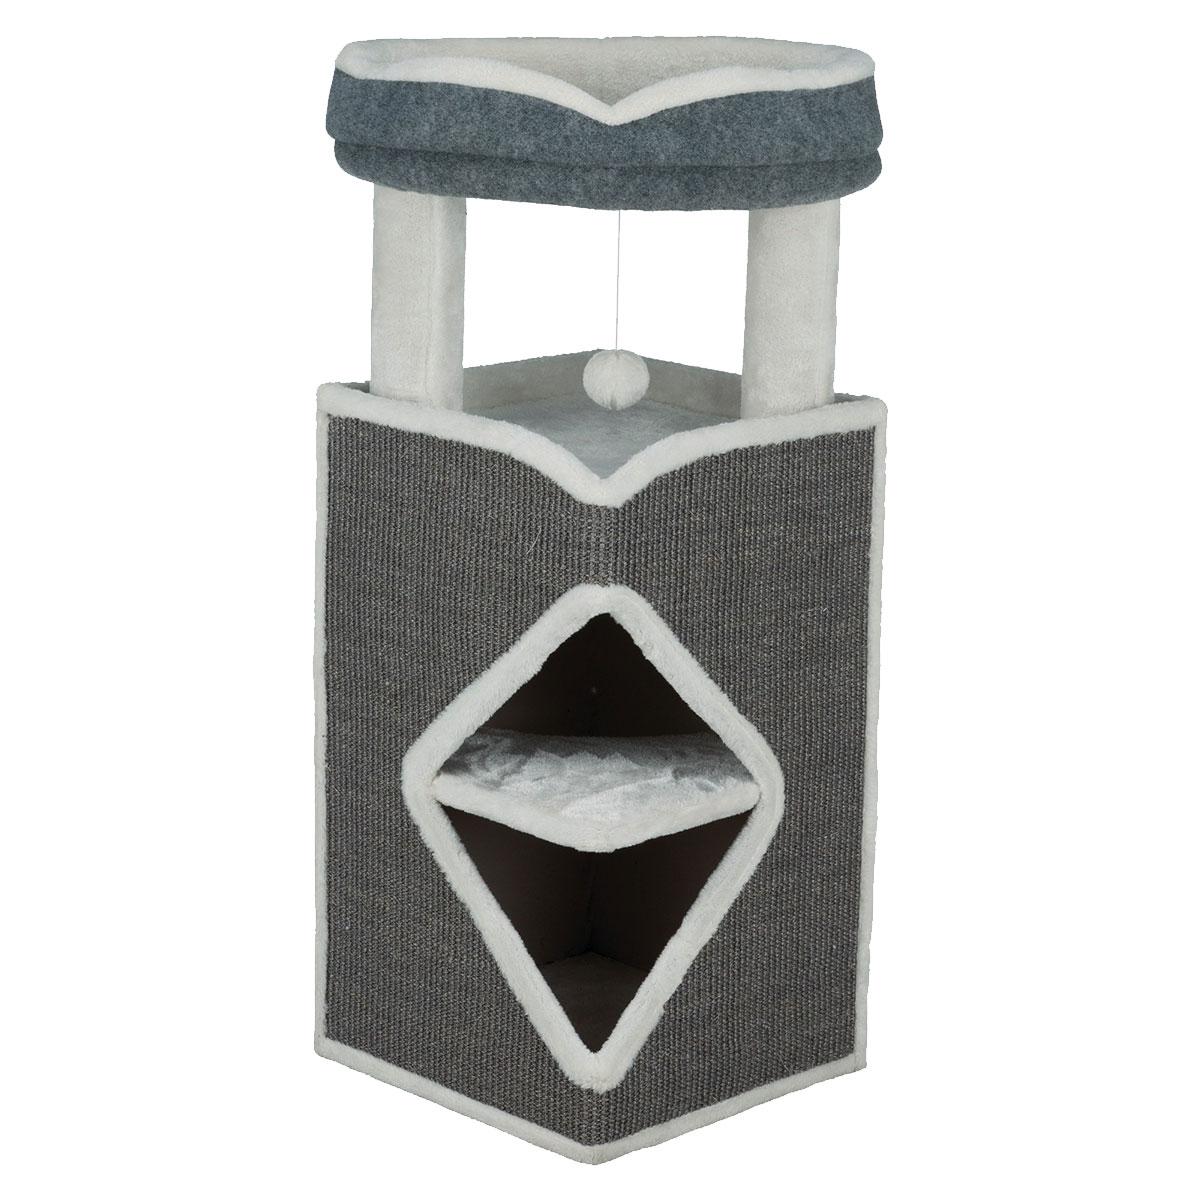 trixie kratzbaum arma g nstig kaufen bei zooroyal. Black Bedroom Furniture Sets. Home Design Ideas